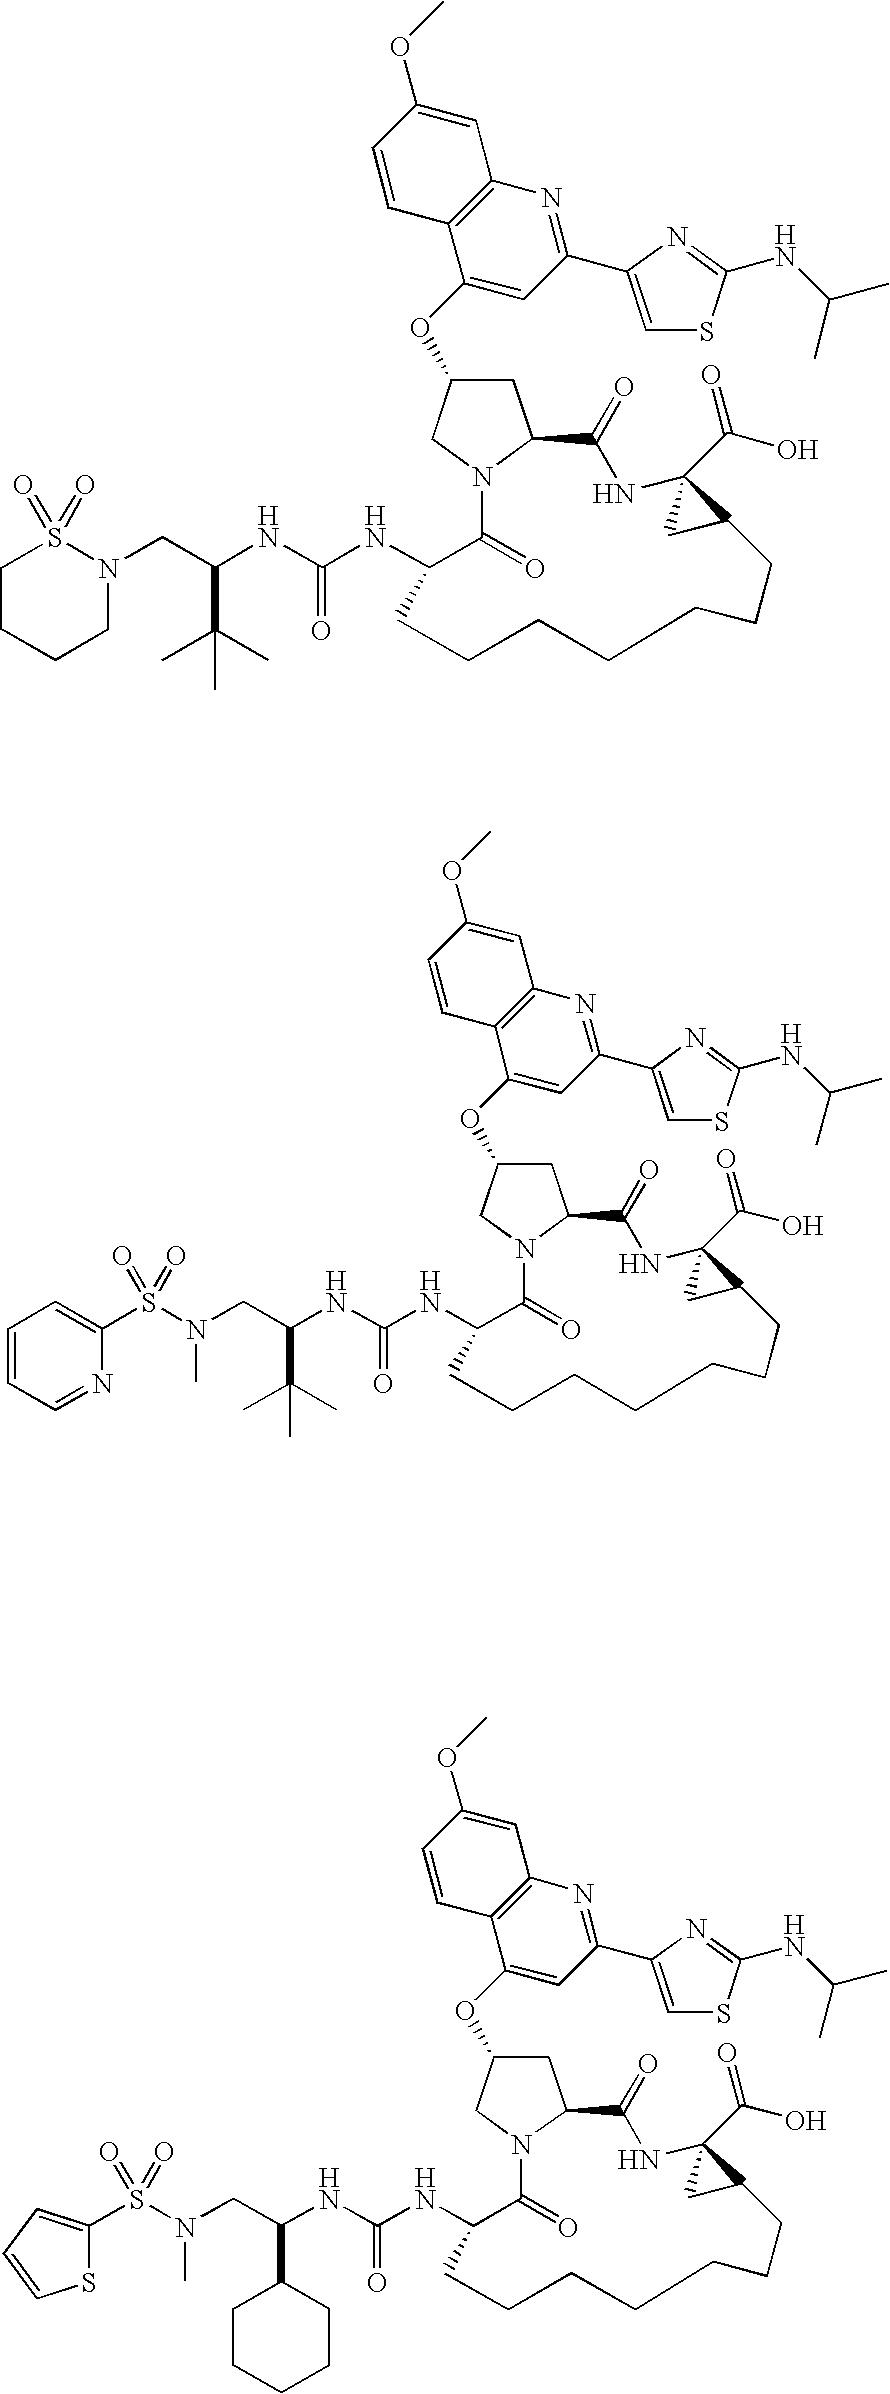 Figure US20060287248A1-20061221-C00195